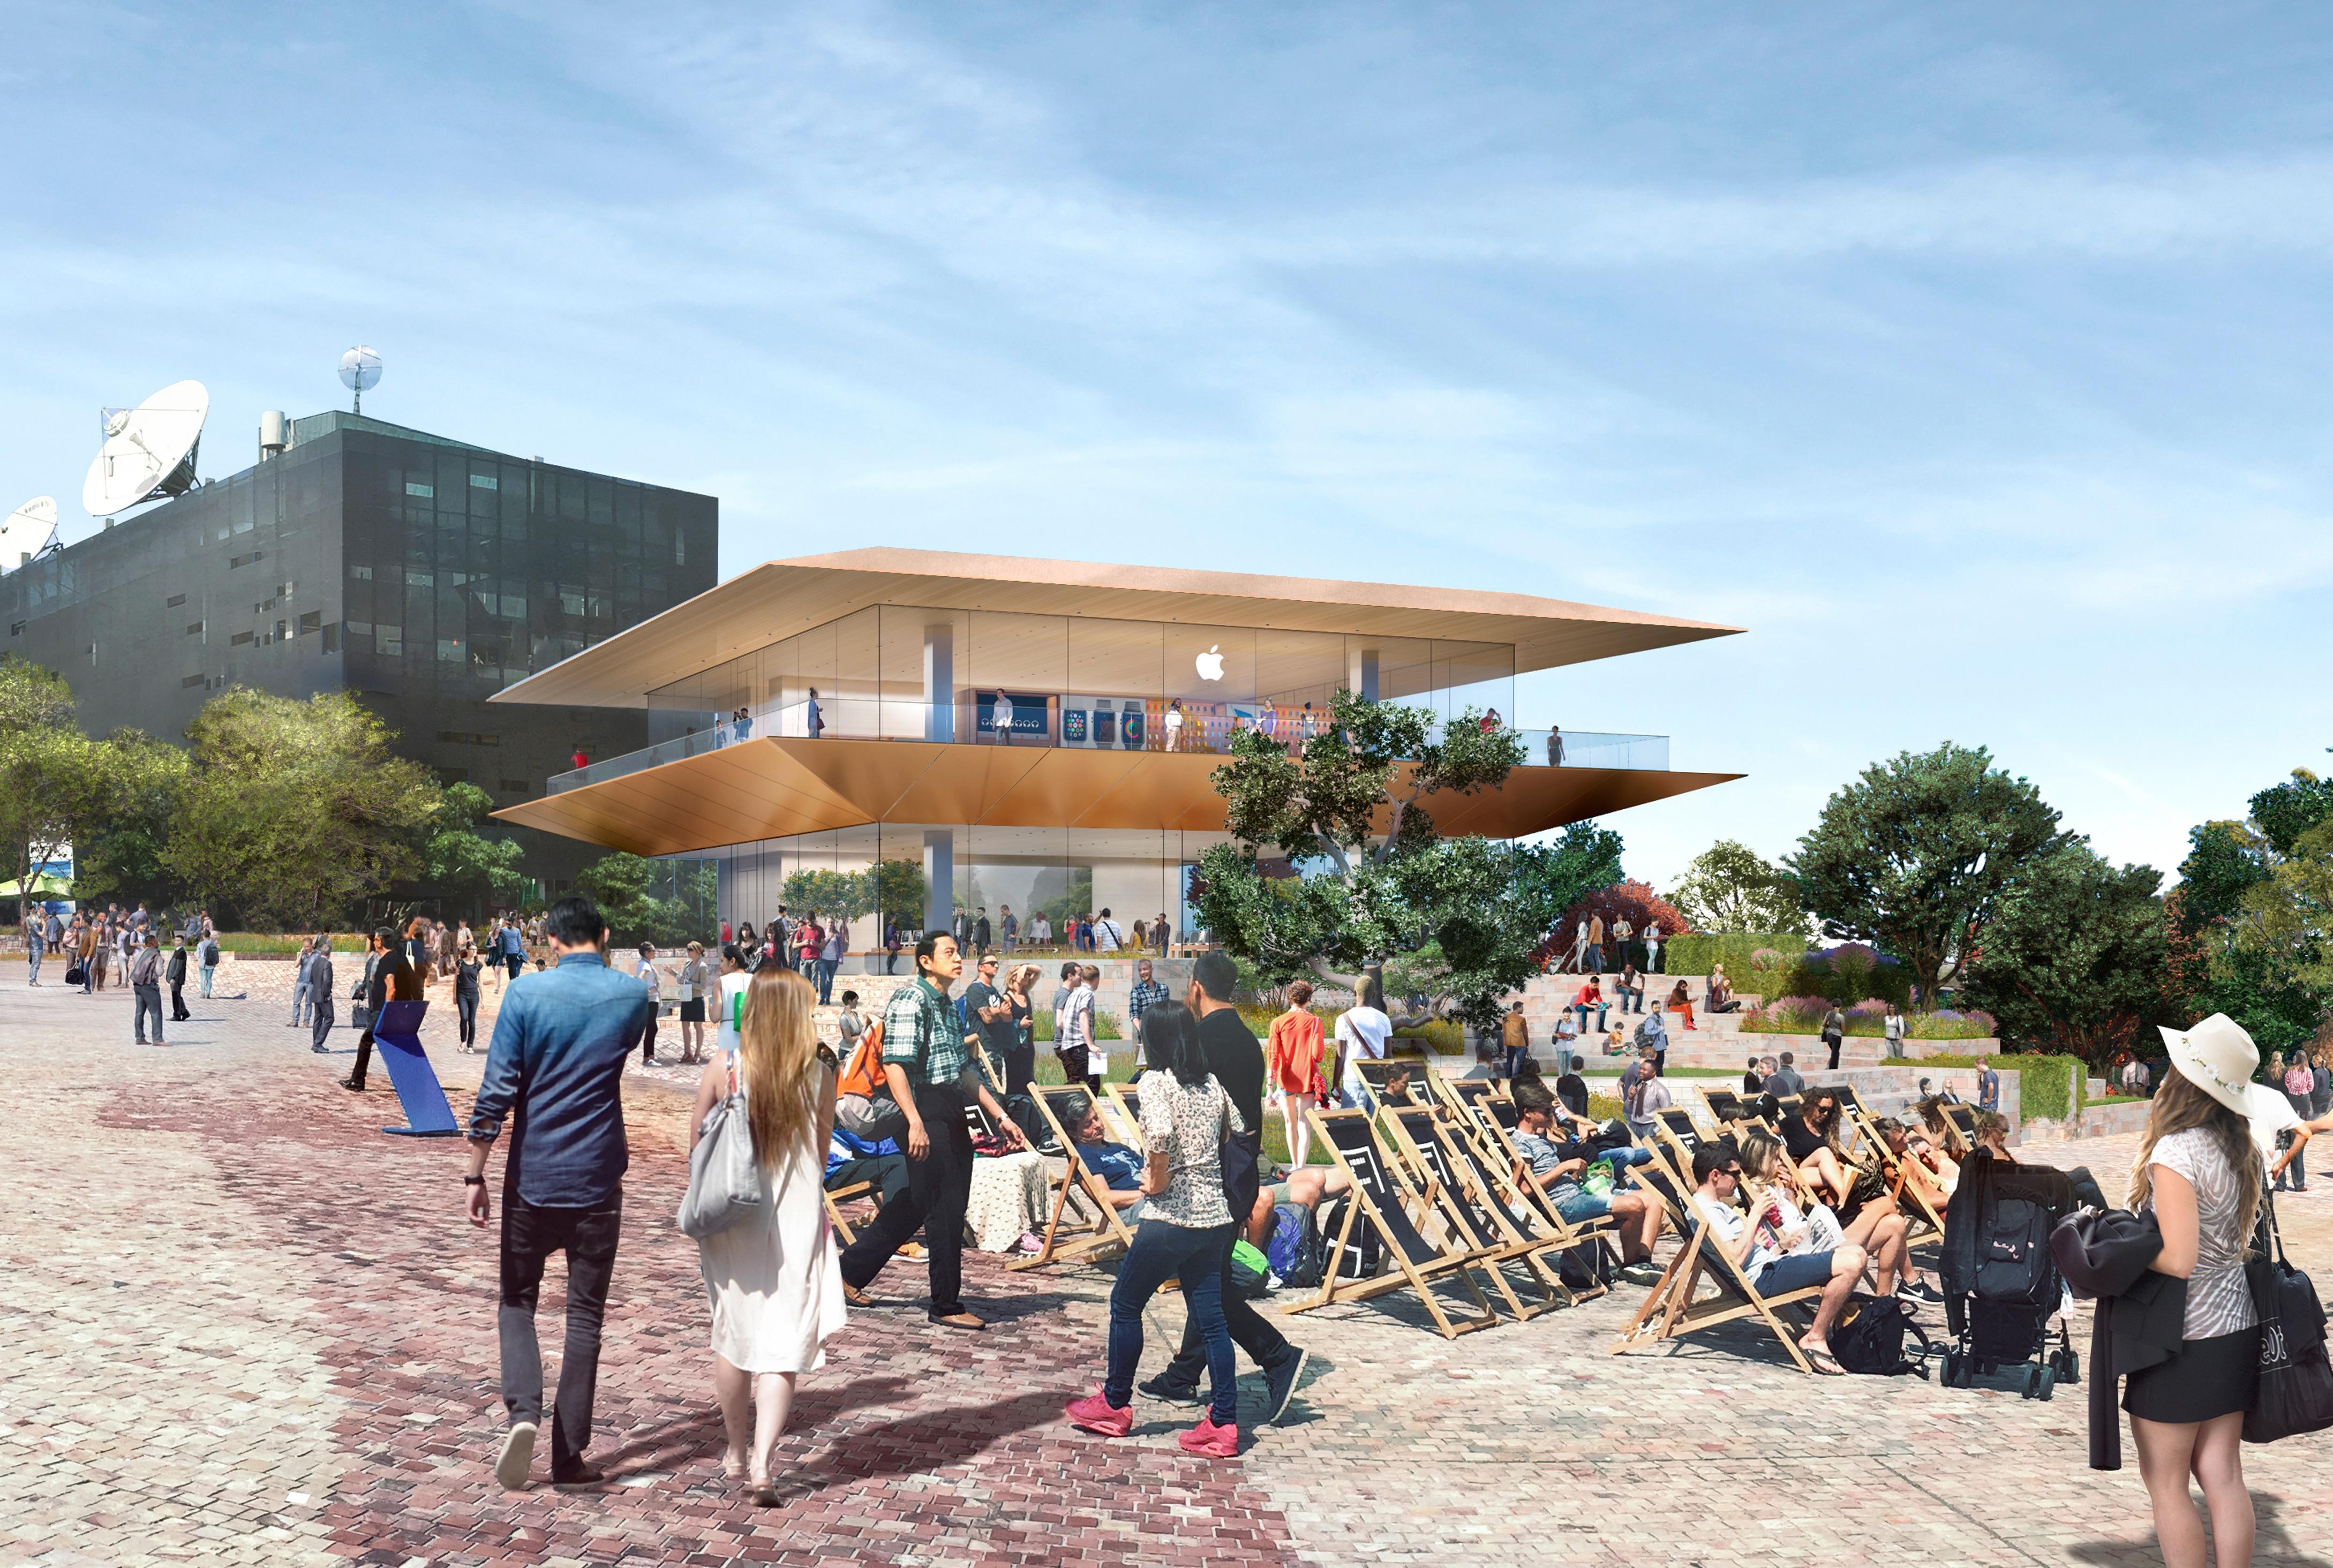 Andke võimalus saada Melbourne'is Föderatsiooni väljaku Apple Store'iks